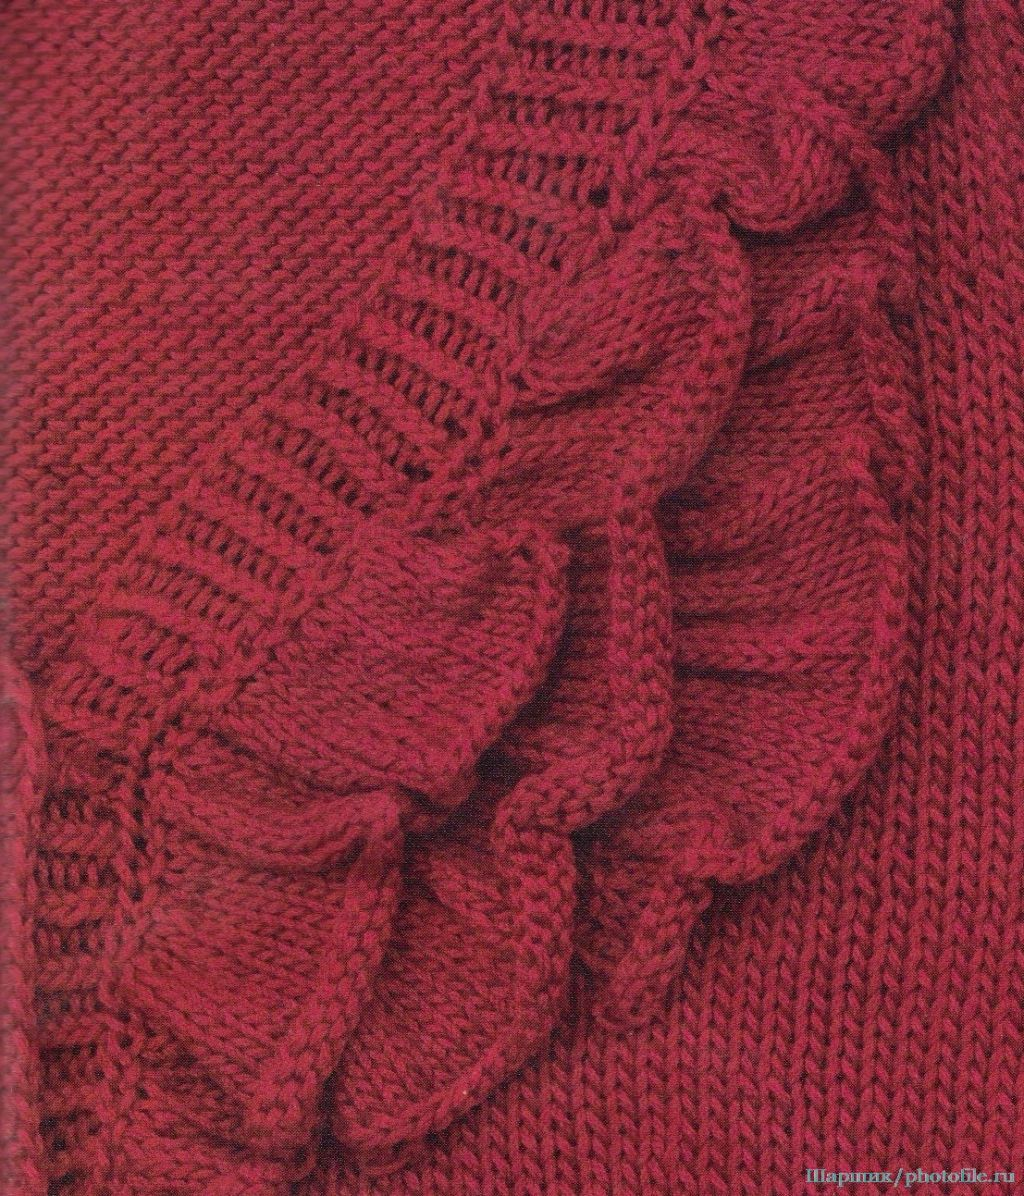 红色的羊毛衫 - maomao - 我随心动